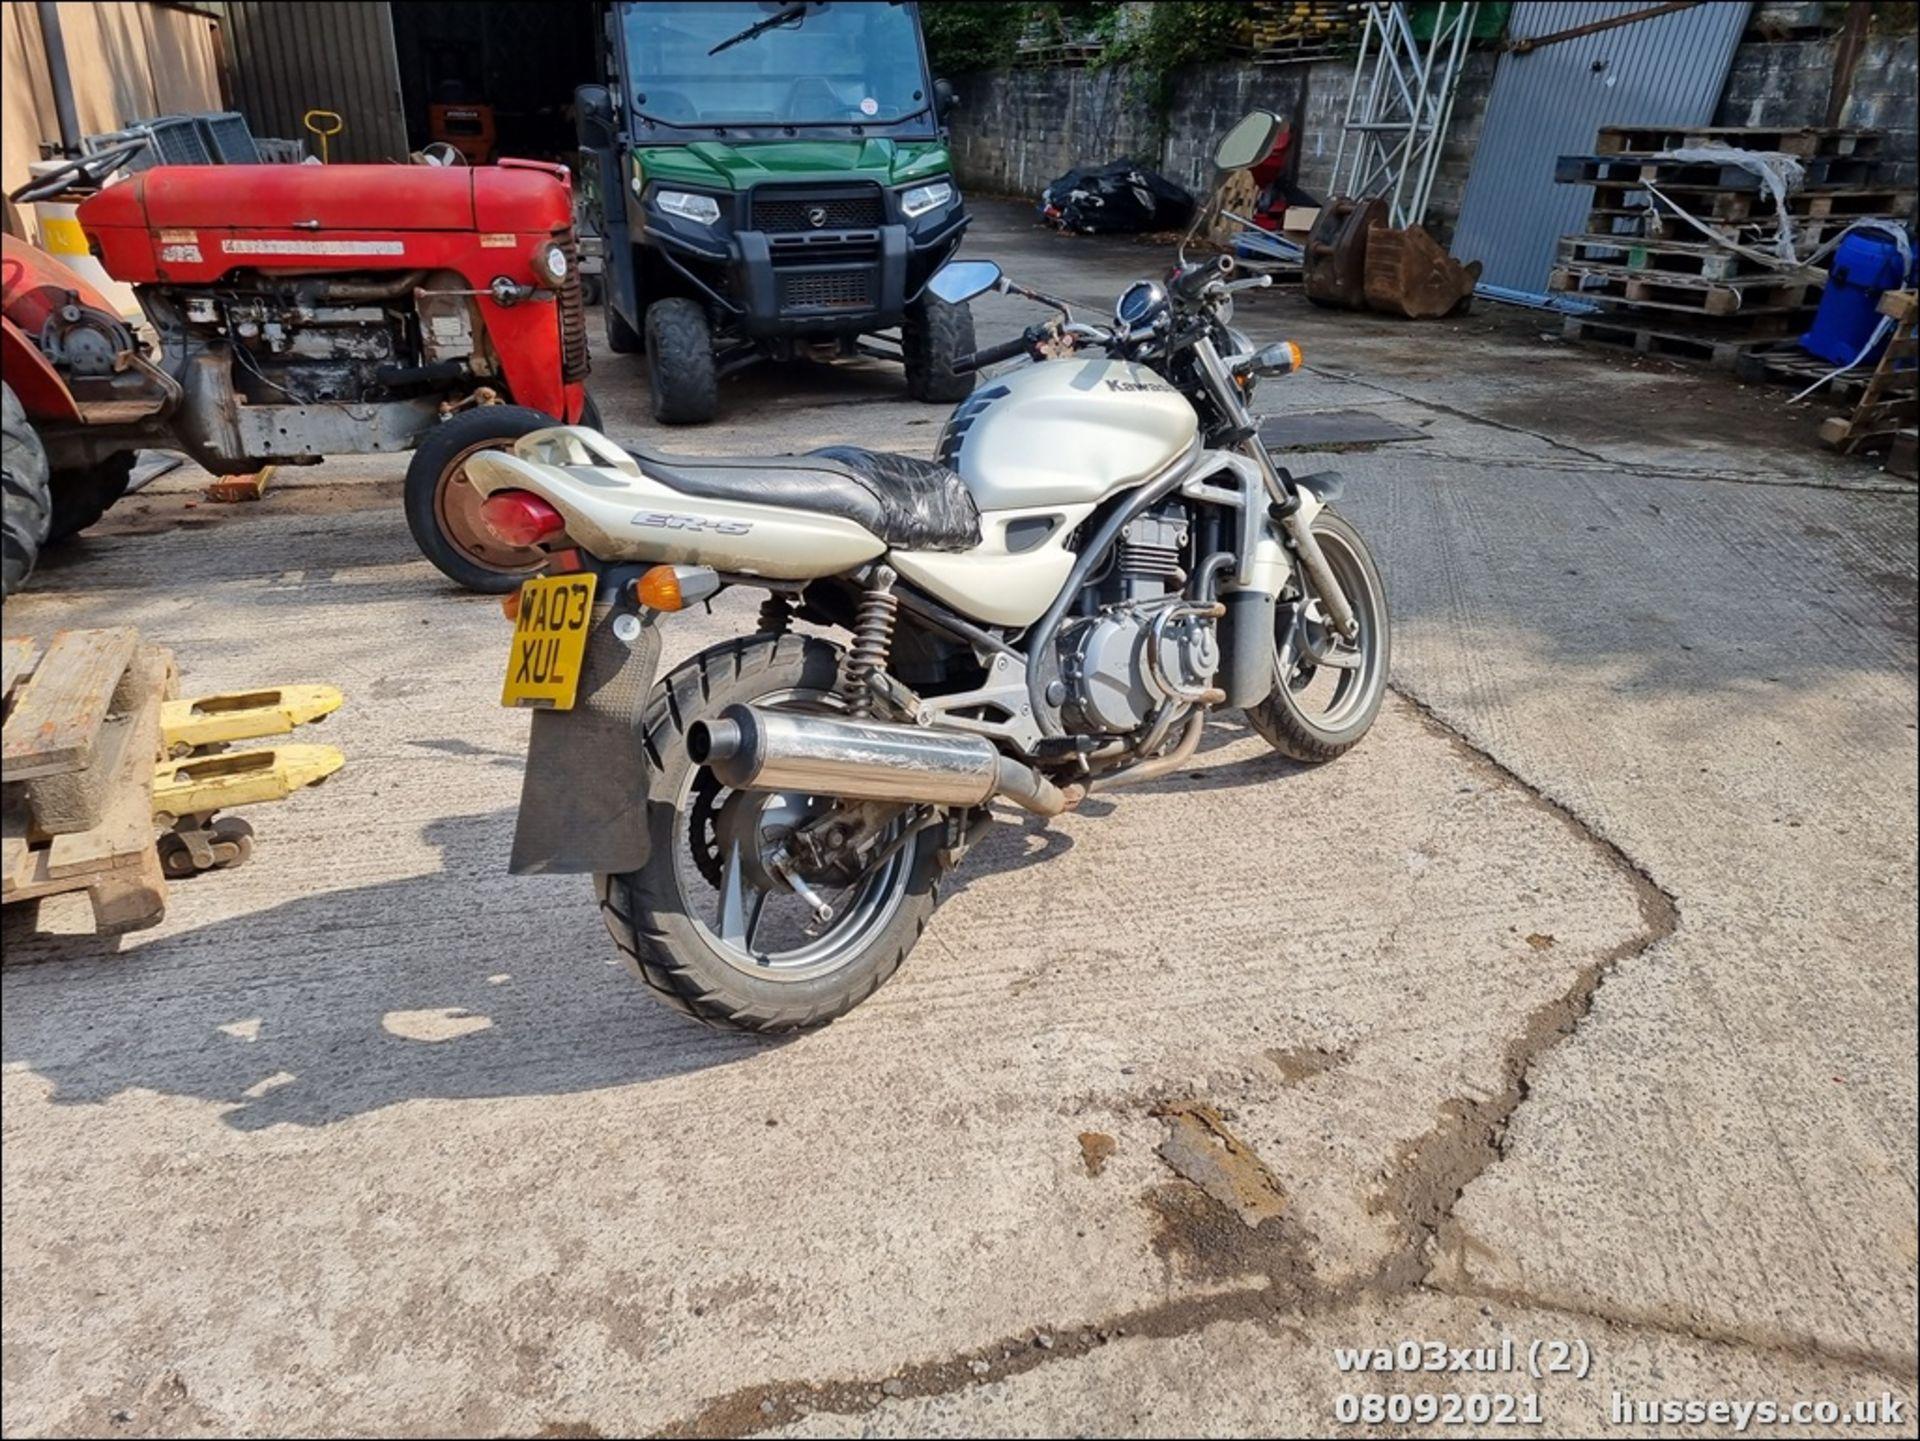 03/03 KAWASAKI ER500-C1 - 498cc Motorcycle (Gold) - Image 2 of 16